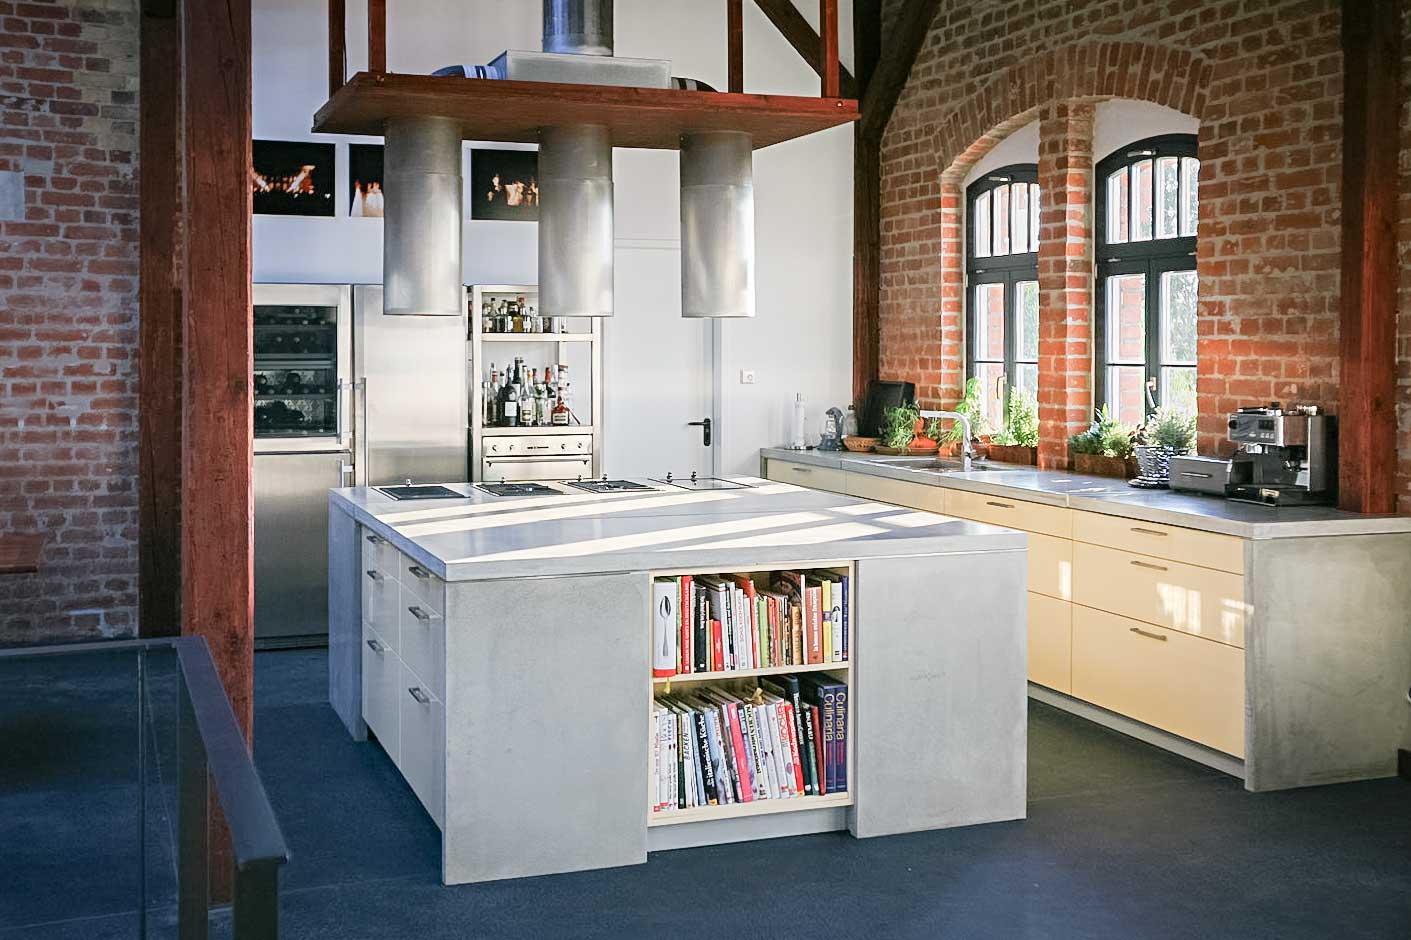 Full Size of Was Kostet Eine Küche Im Durchschnitt Was Kostet Eine Küche Einbauen Zu Lassen Was Kostet Eine Küche In Der Schweiz Was Kostet Eine Küche Mit Elektrogeräten Küche Was Kostet Eine Küche